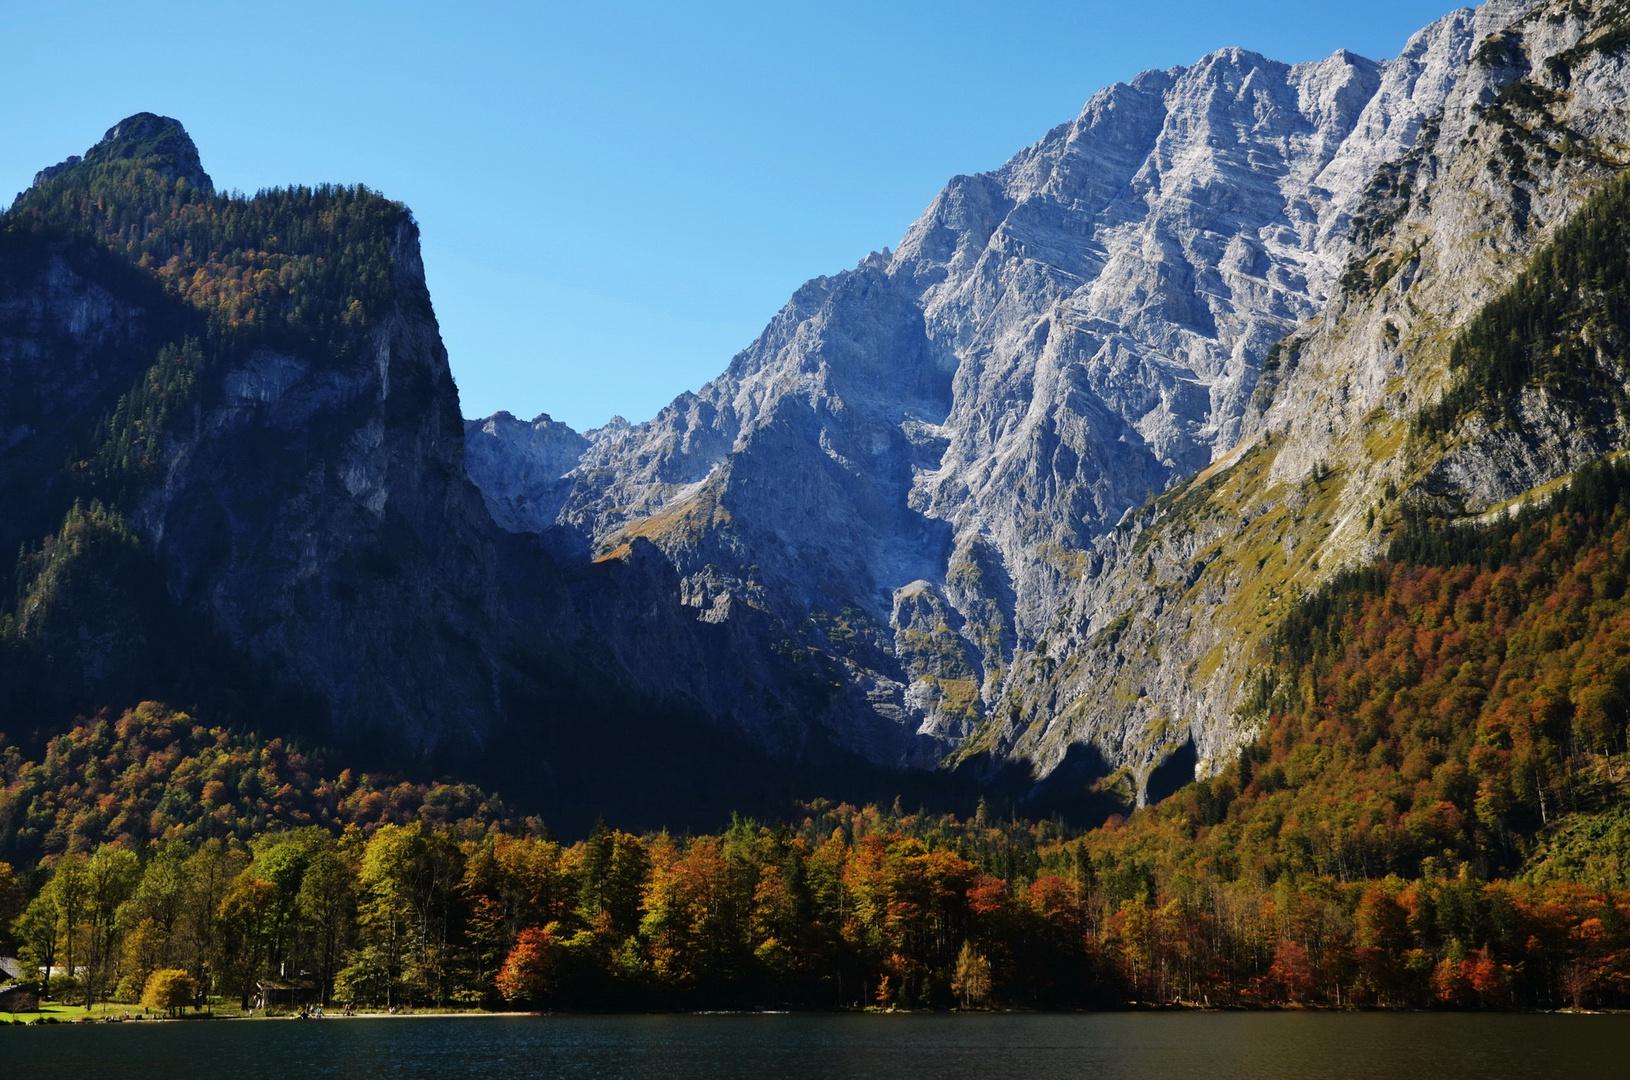 Mit schönen herbstlichen Farben ist die Watzmann Ostwand eingerahmt.